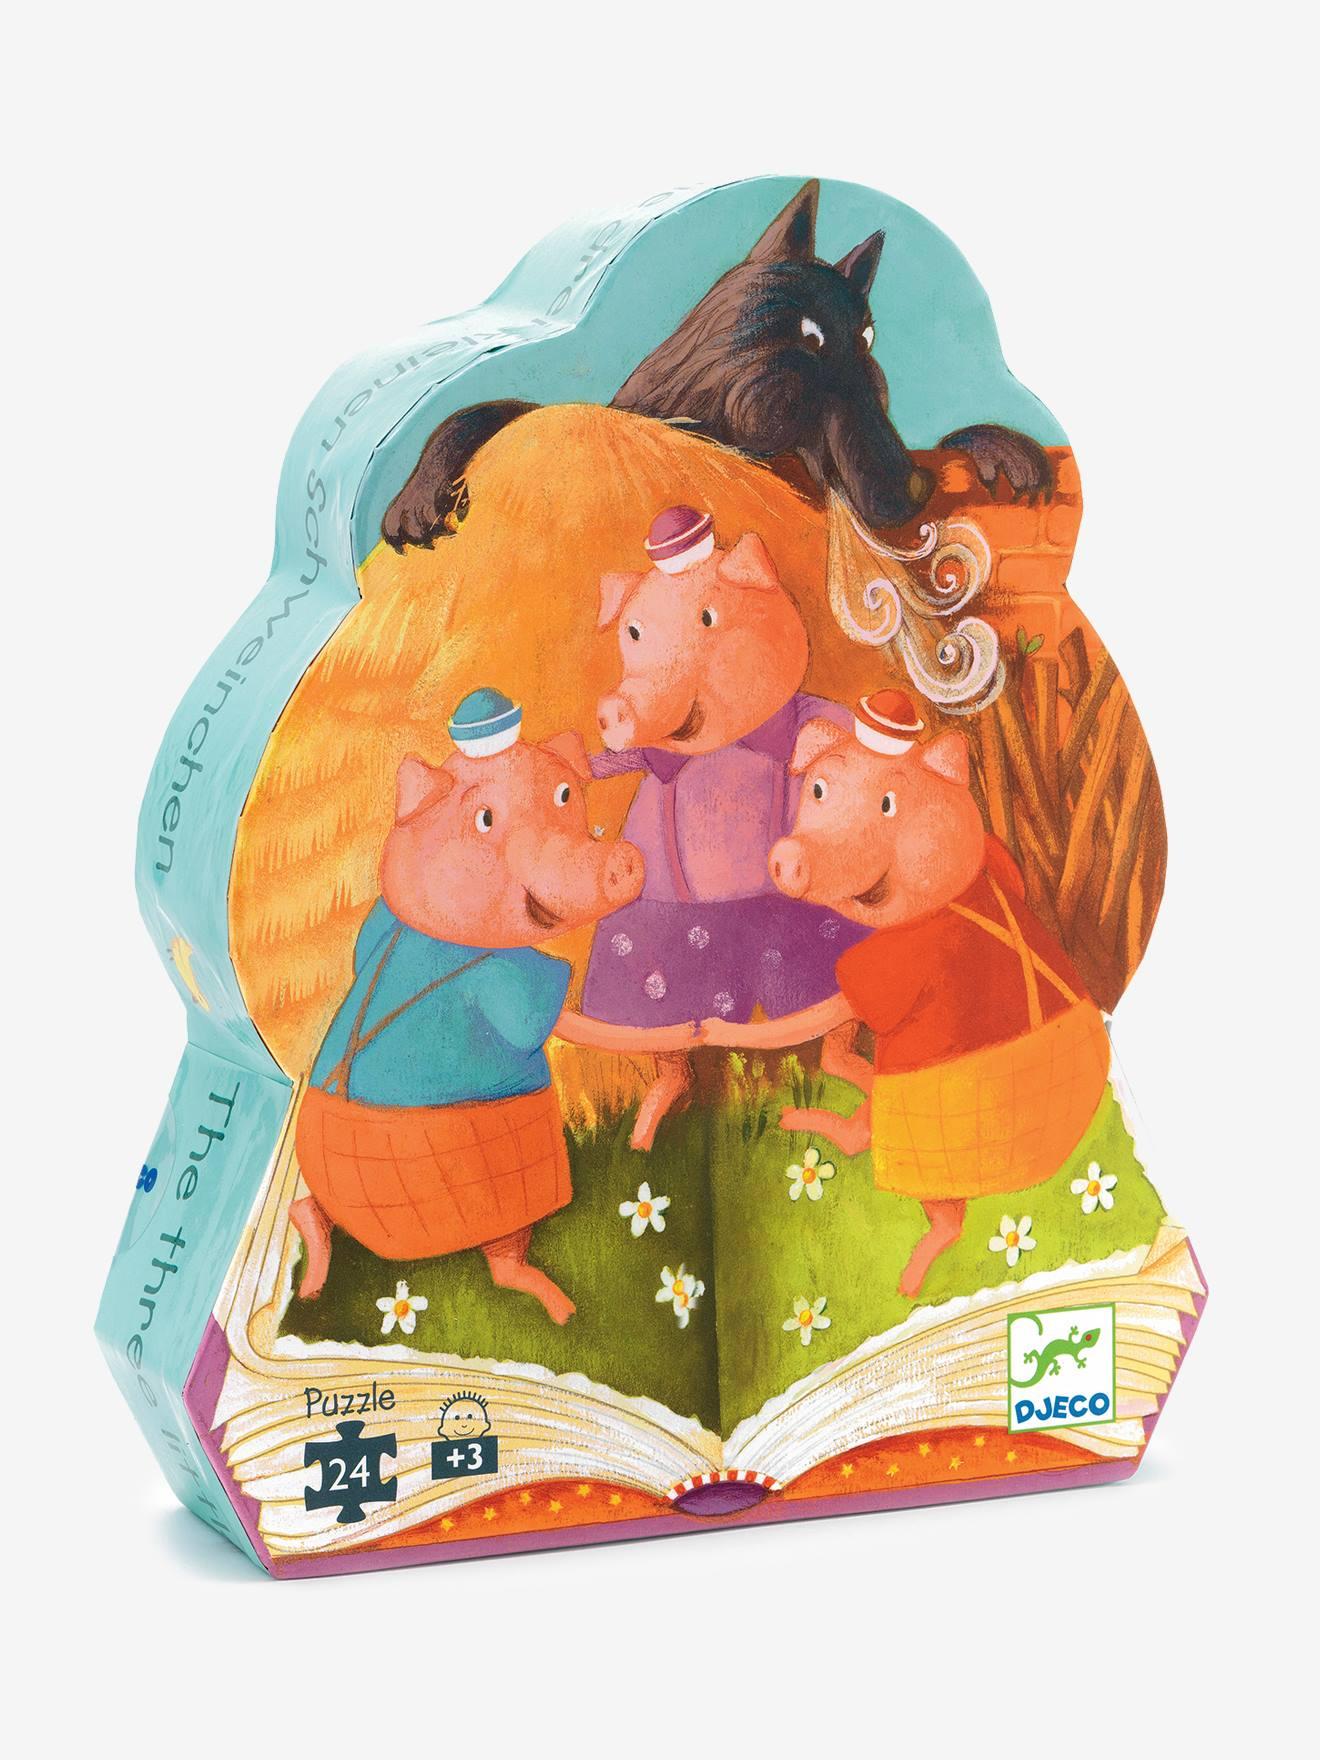 Puzzle Les 3 petits cochons 24 pièces DJECO multicolore